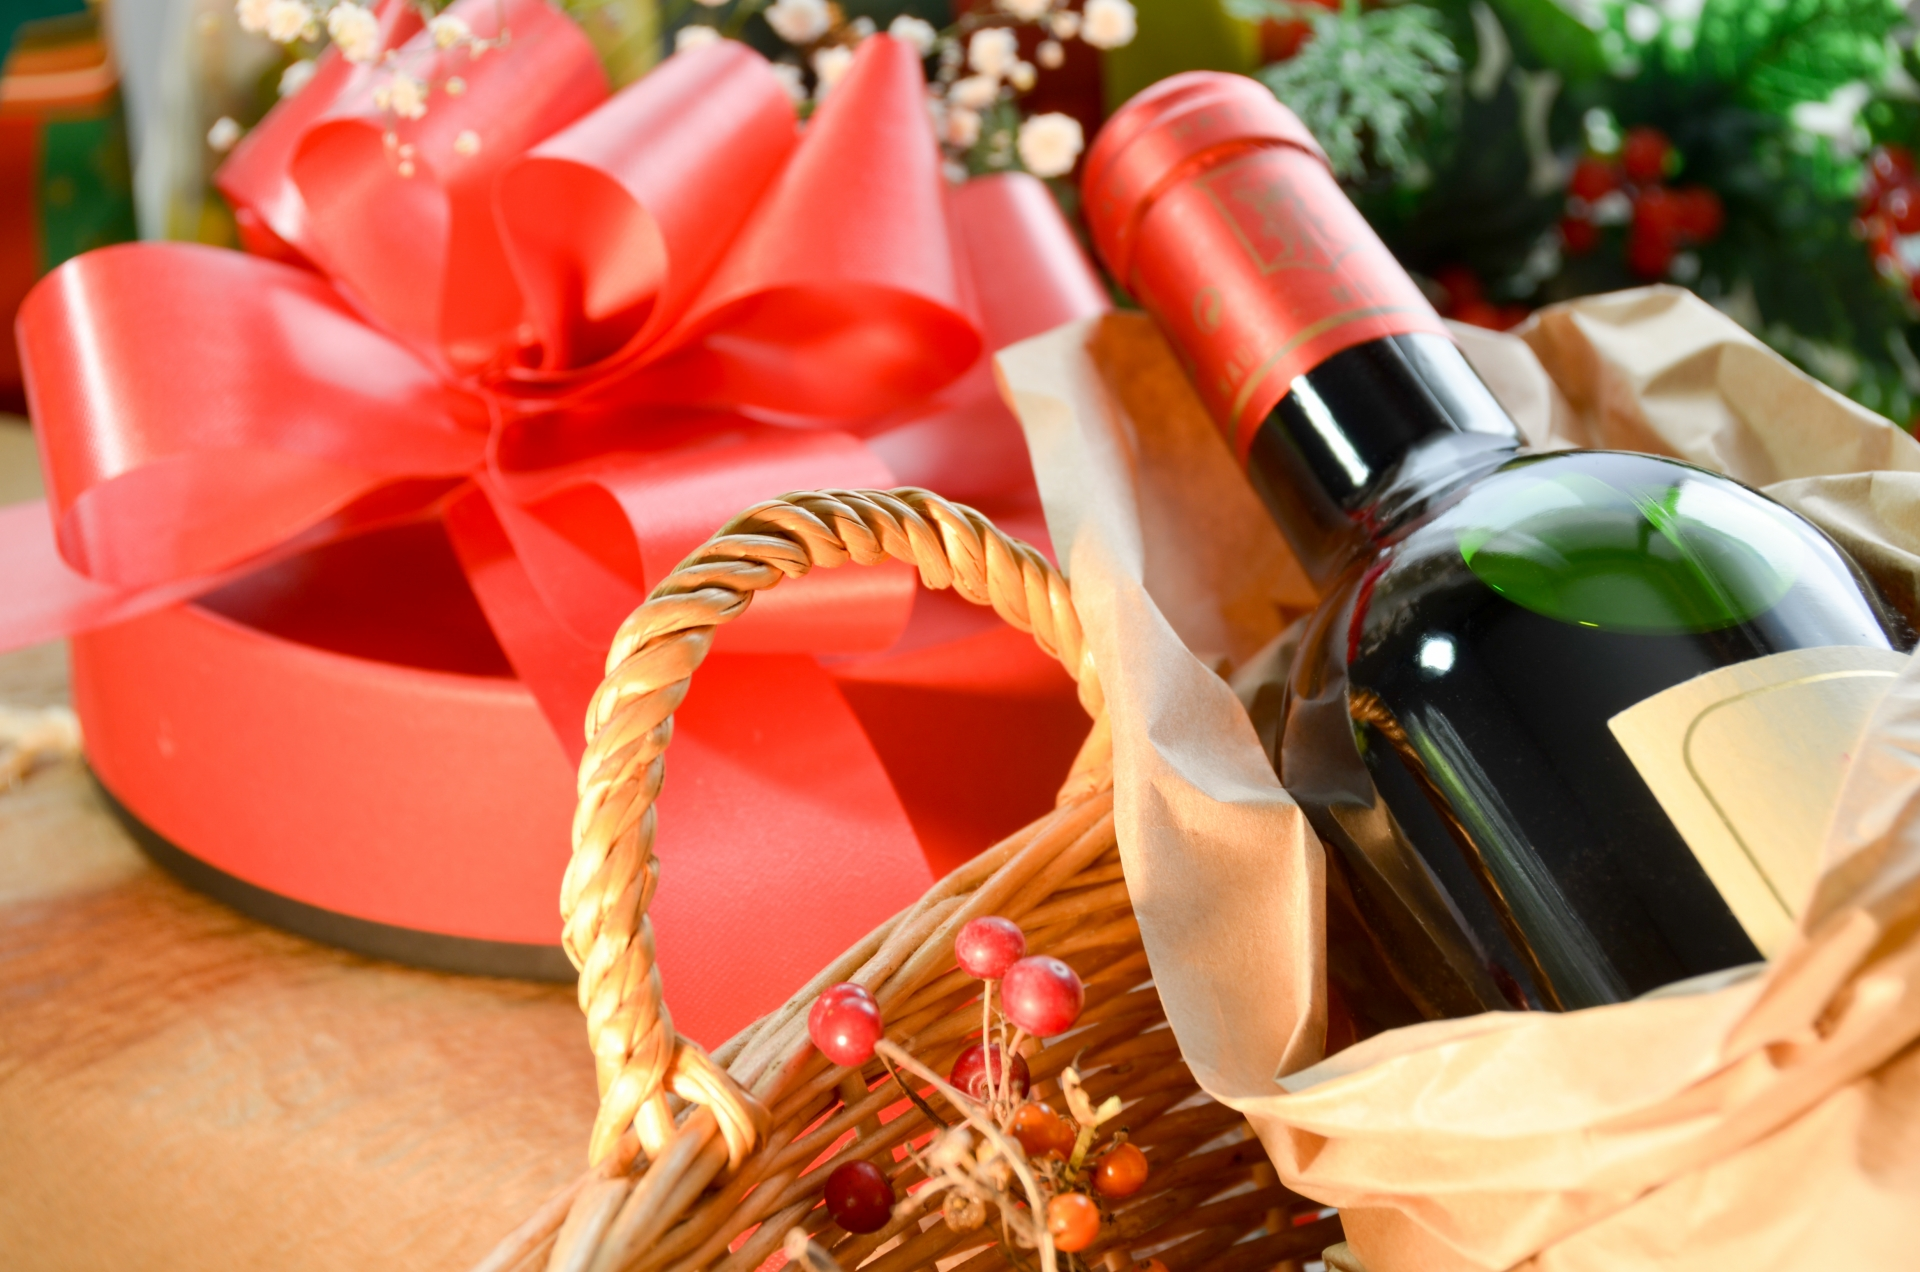 ワインをプレゼントに選ぶ時の簡単なポイントをわかりやすく解説します!【ワイン入門編】